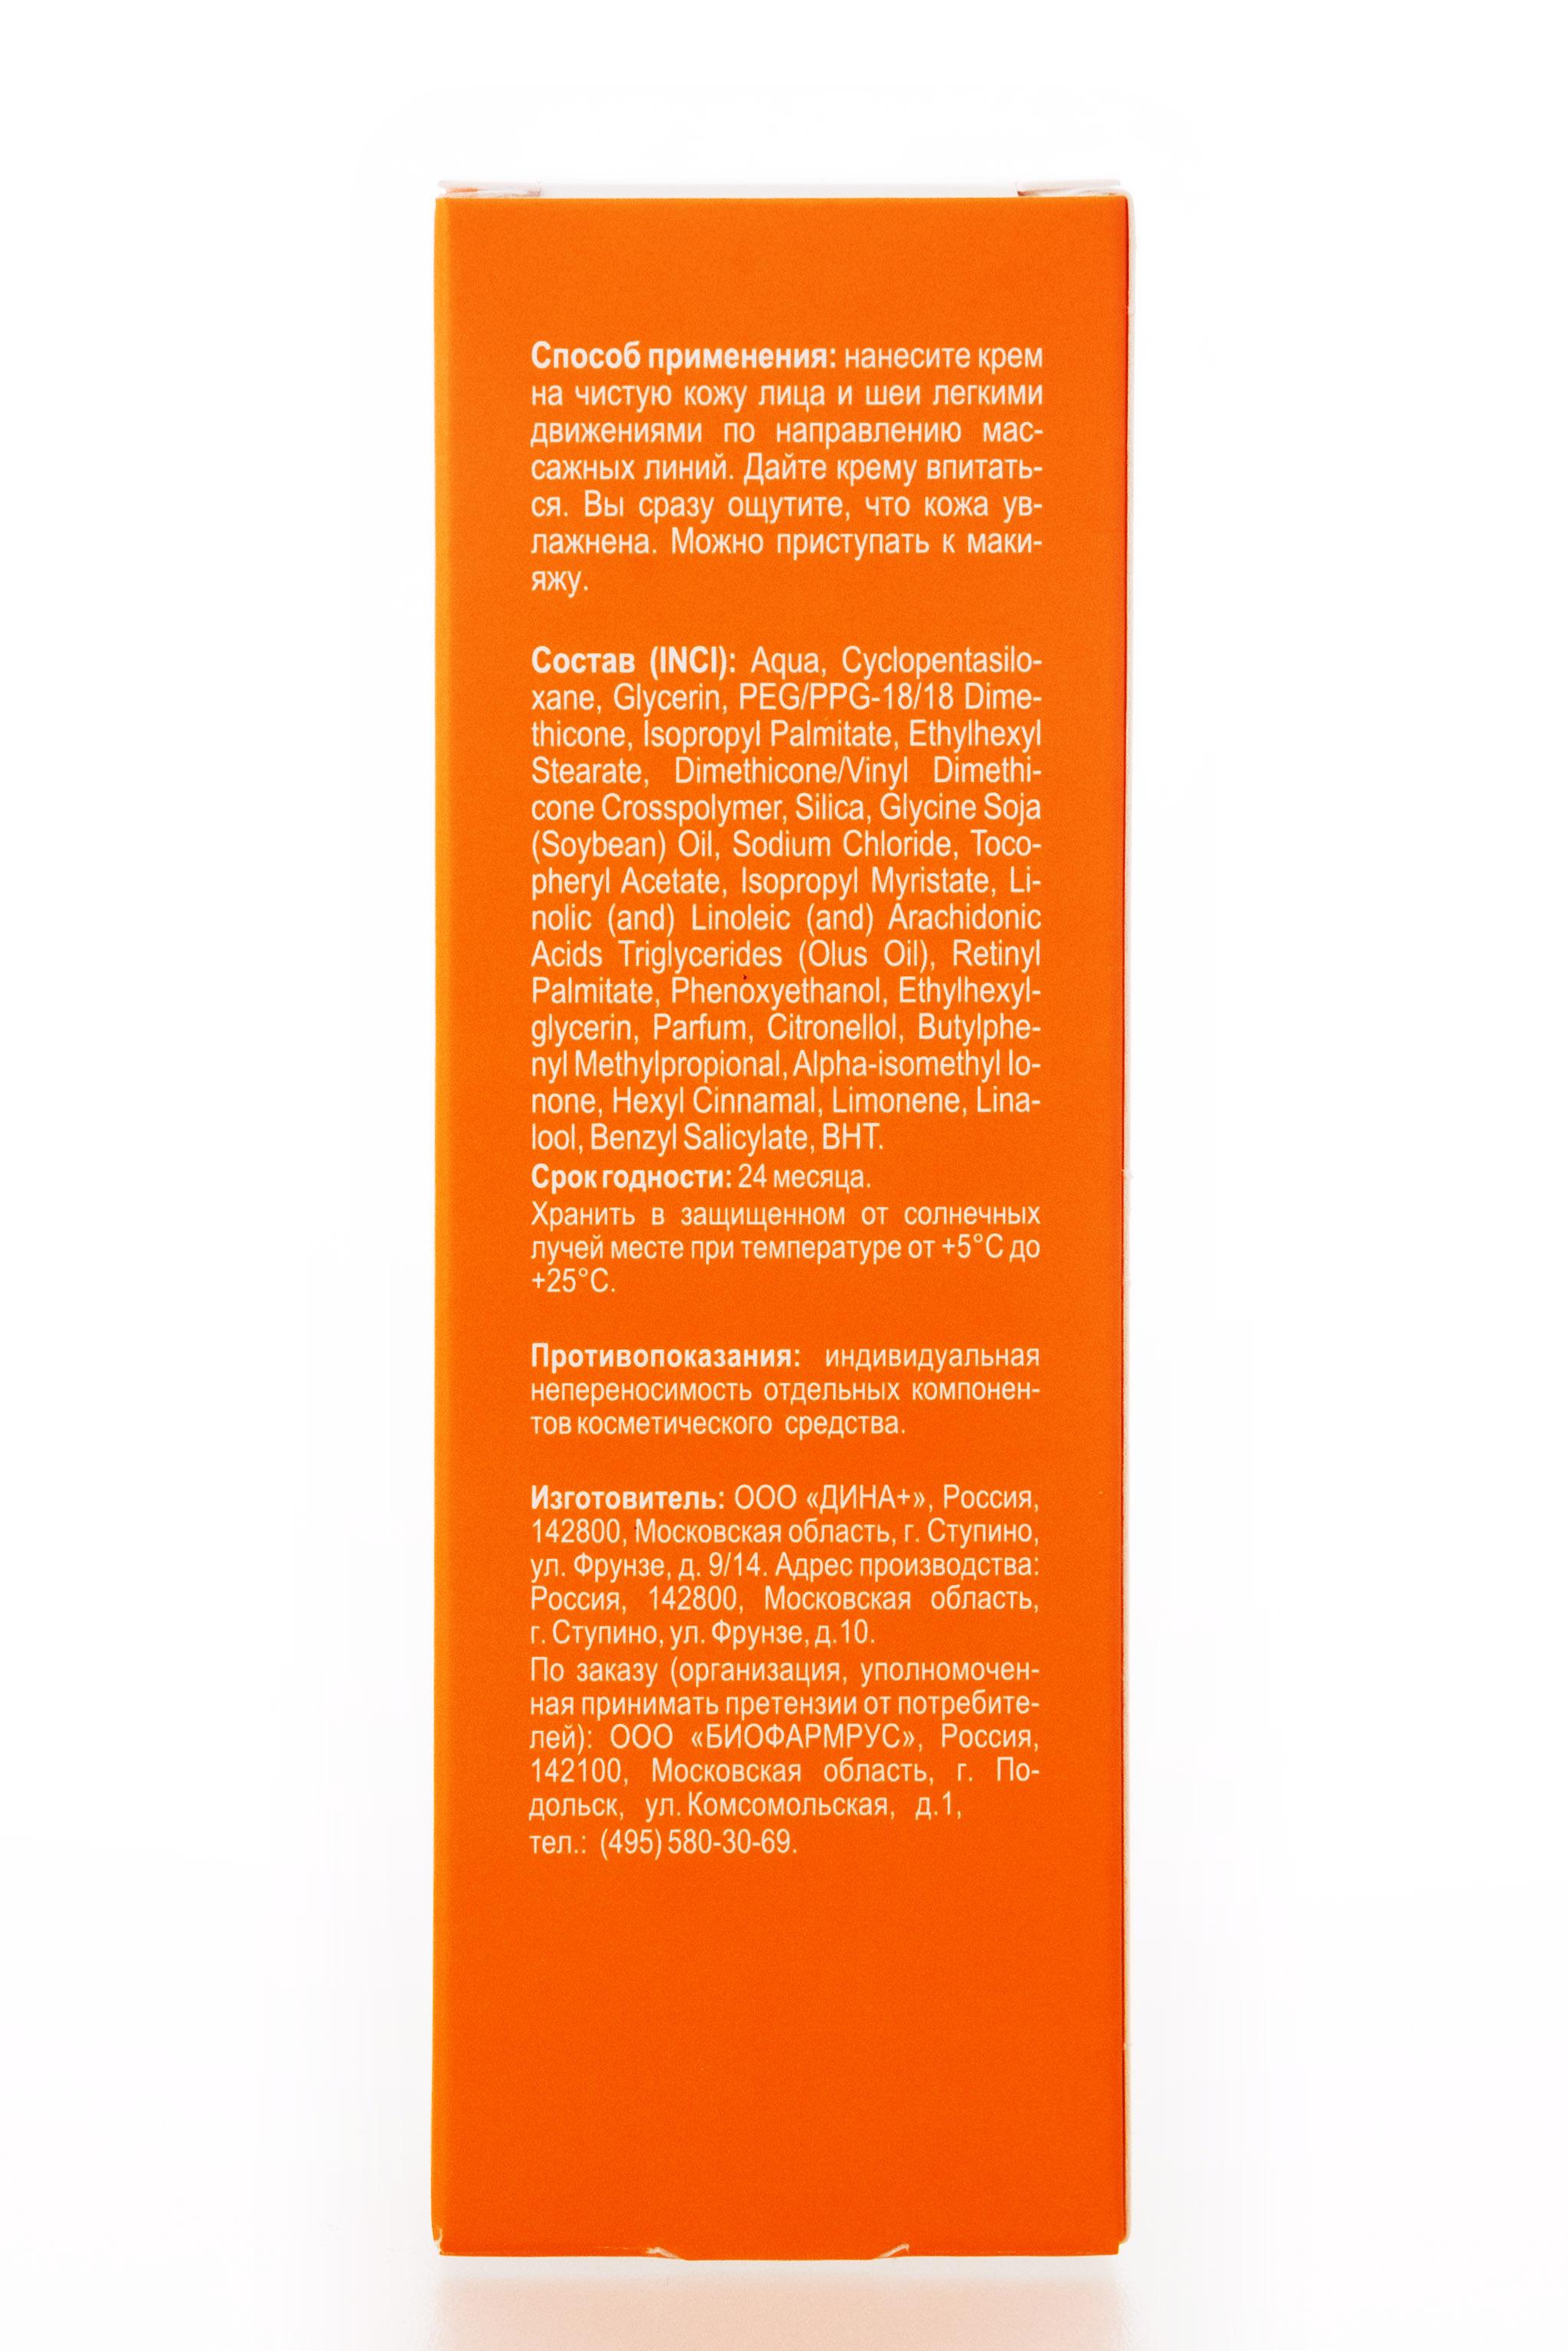 Купить Librederm Витамин Е крем-антиоксидант для лица 50 мл (Librederm, Витамин Е)